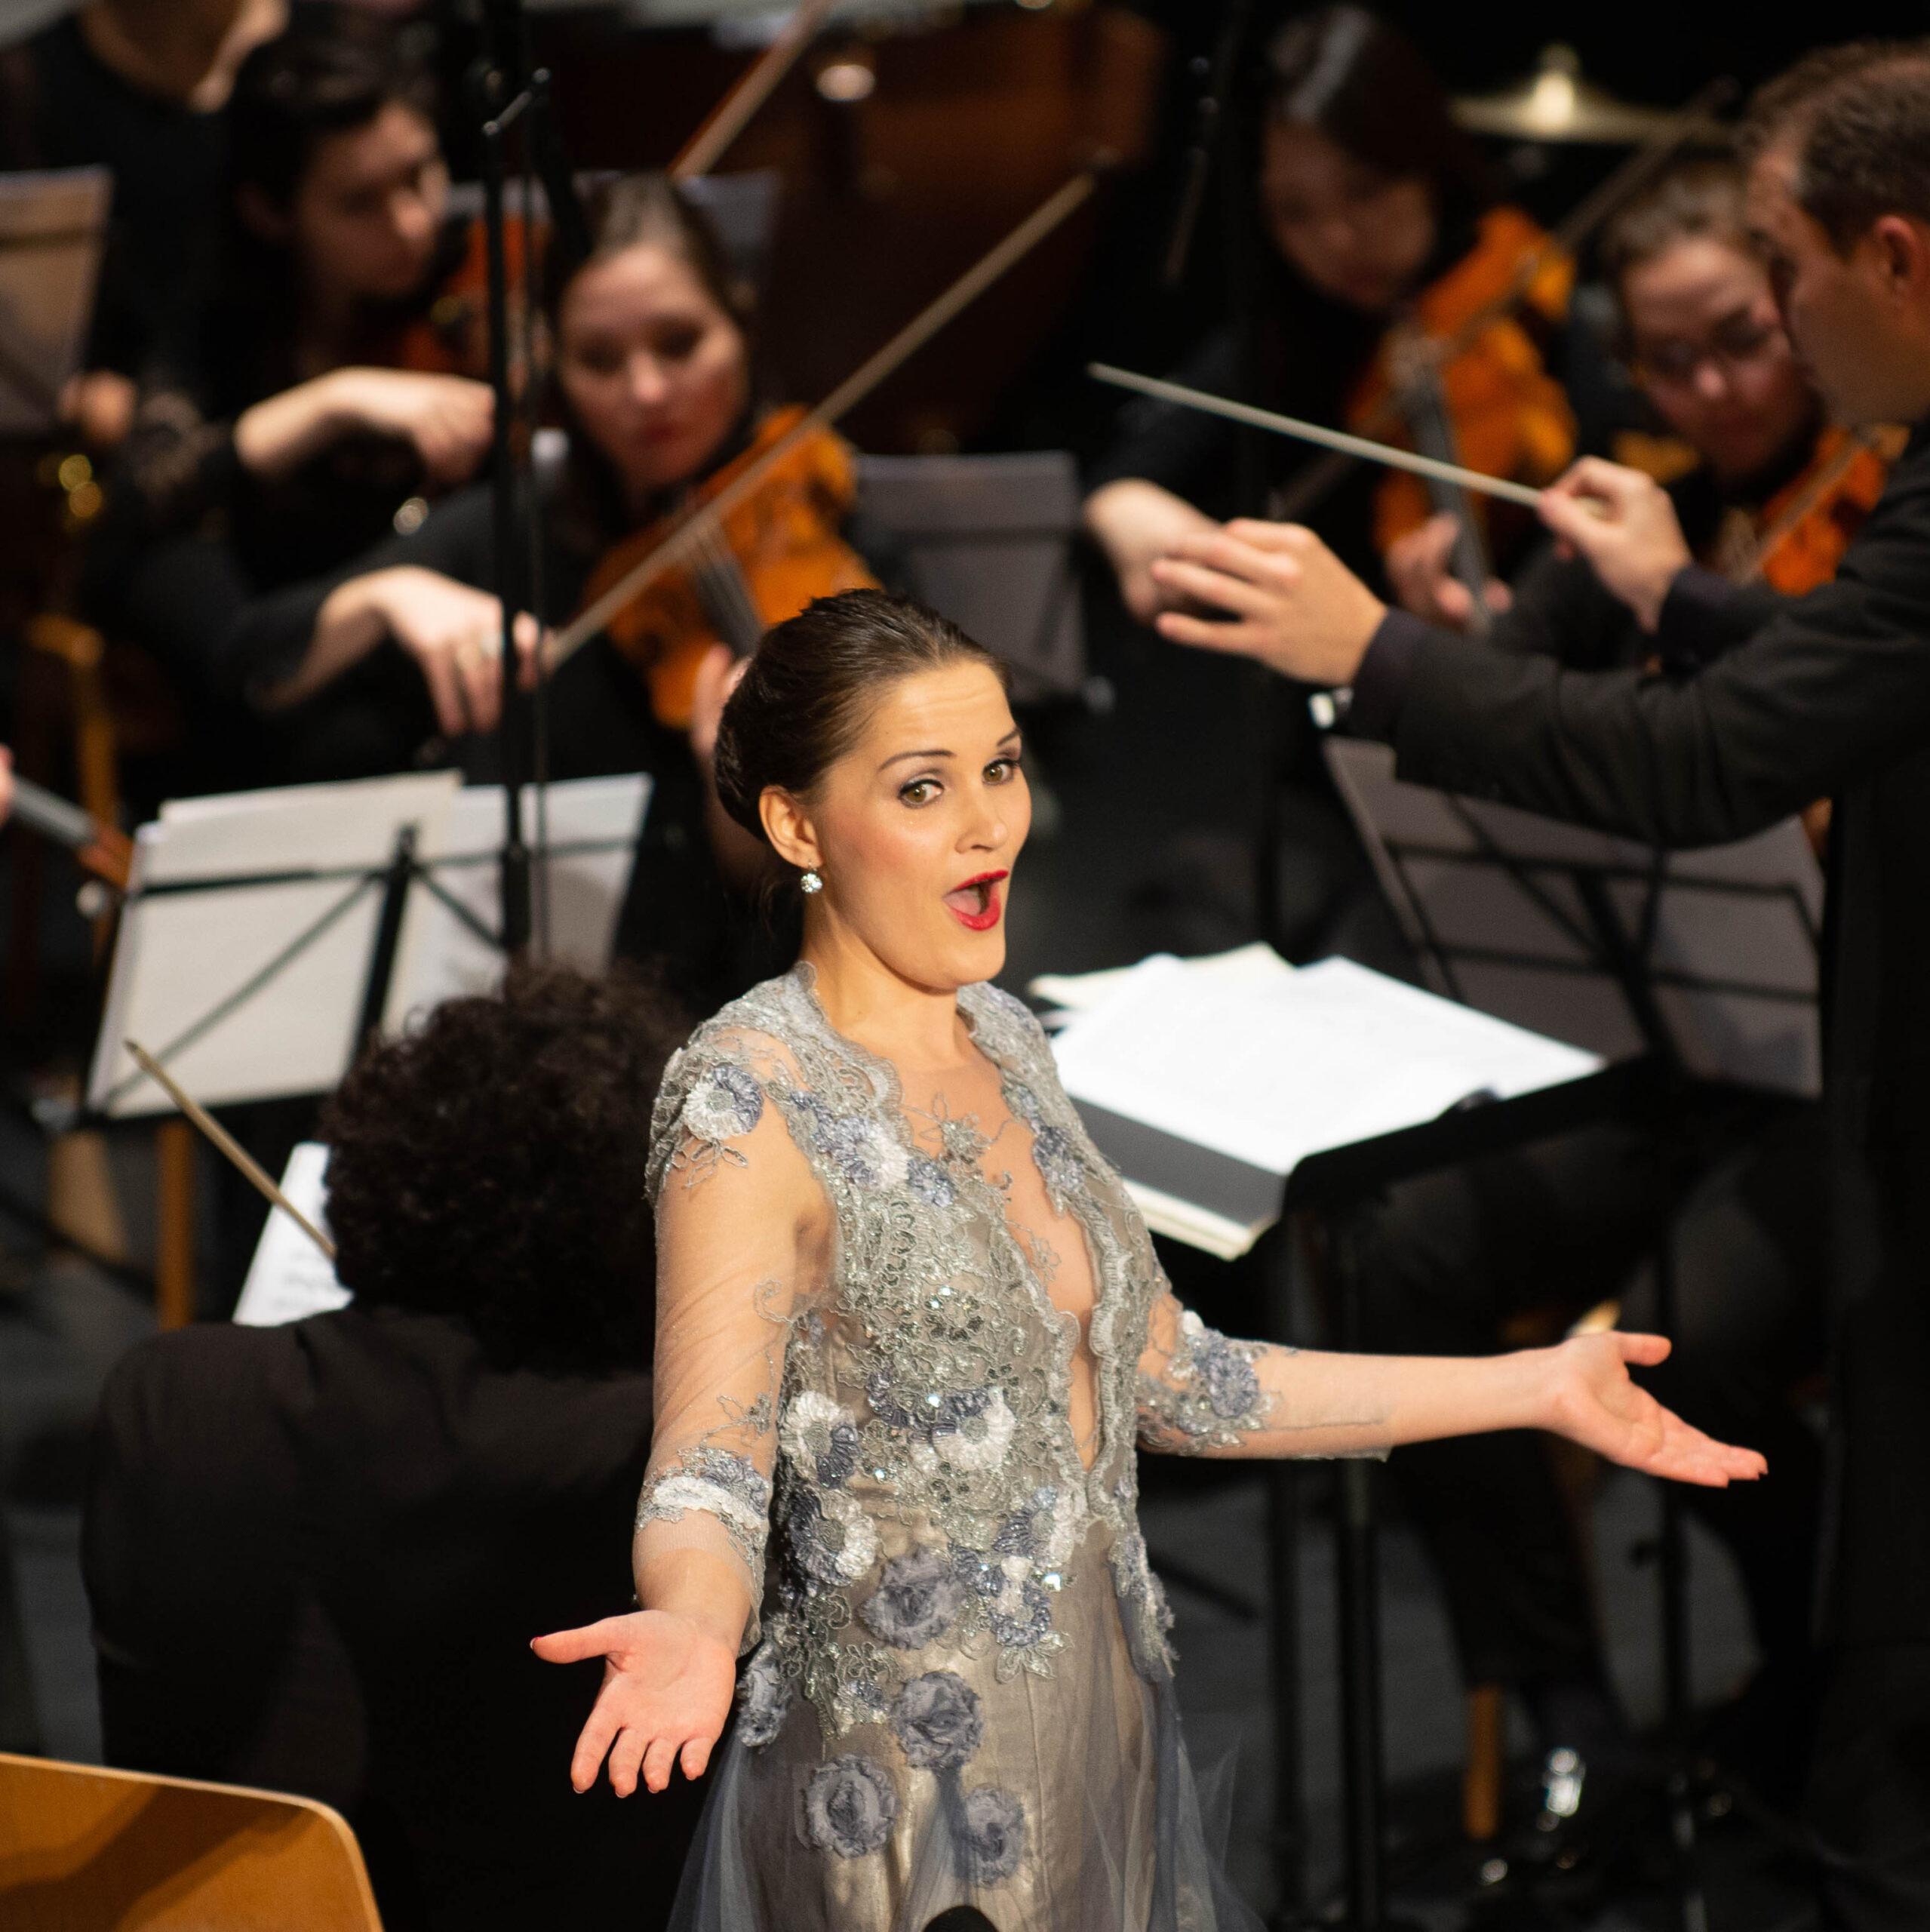 Yvonne Prentki in einem silbernen Konzertkleid vor Orchester und Dirigent im Scheinwerferlicht. Sie ist gerade dabei eine Arie zu singen.